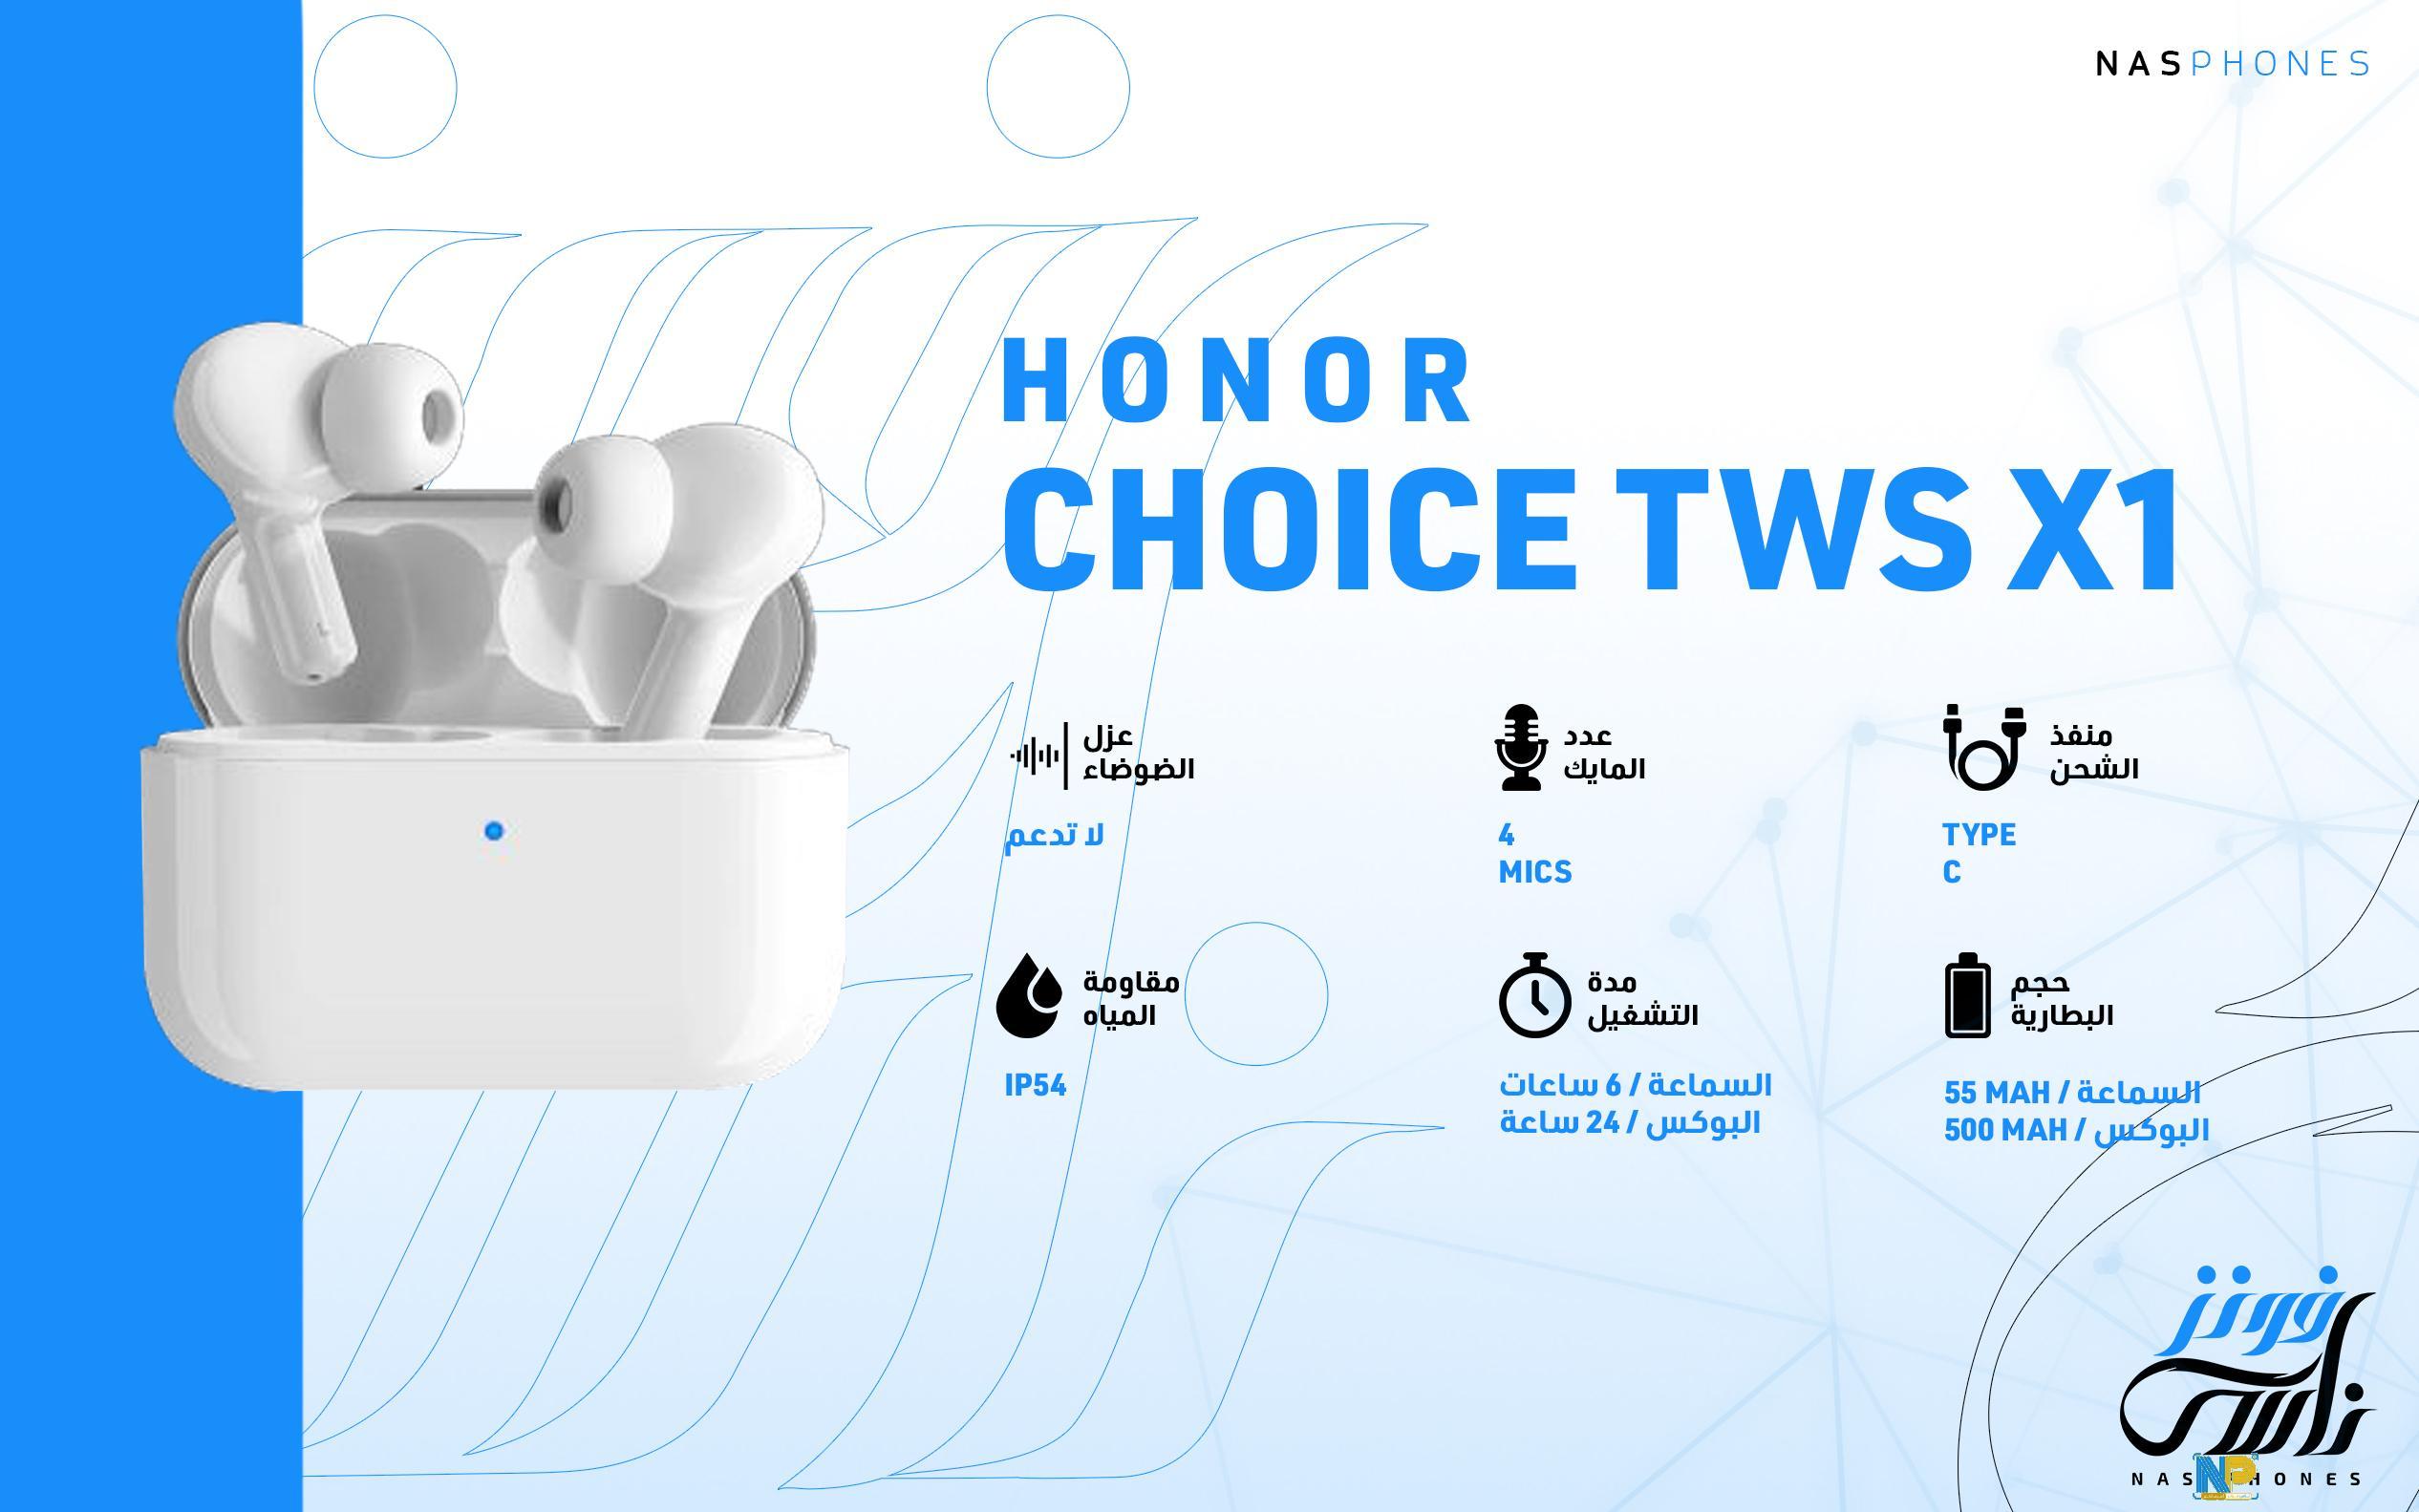 HONOR CHOICE TWS X1